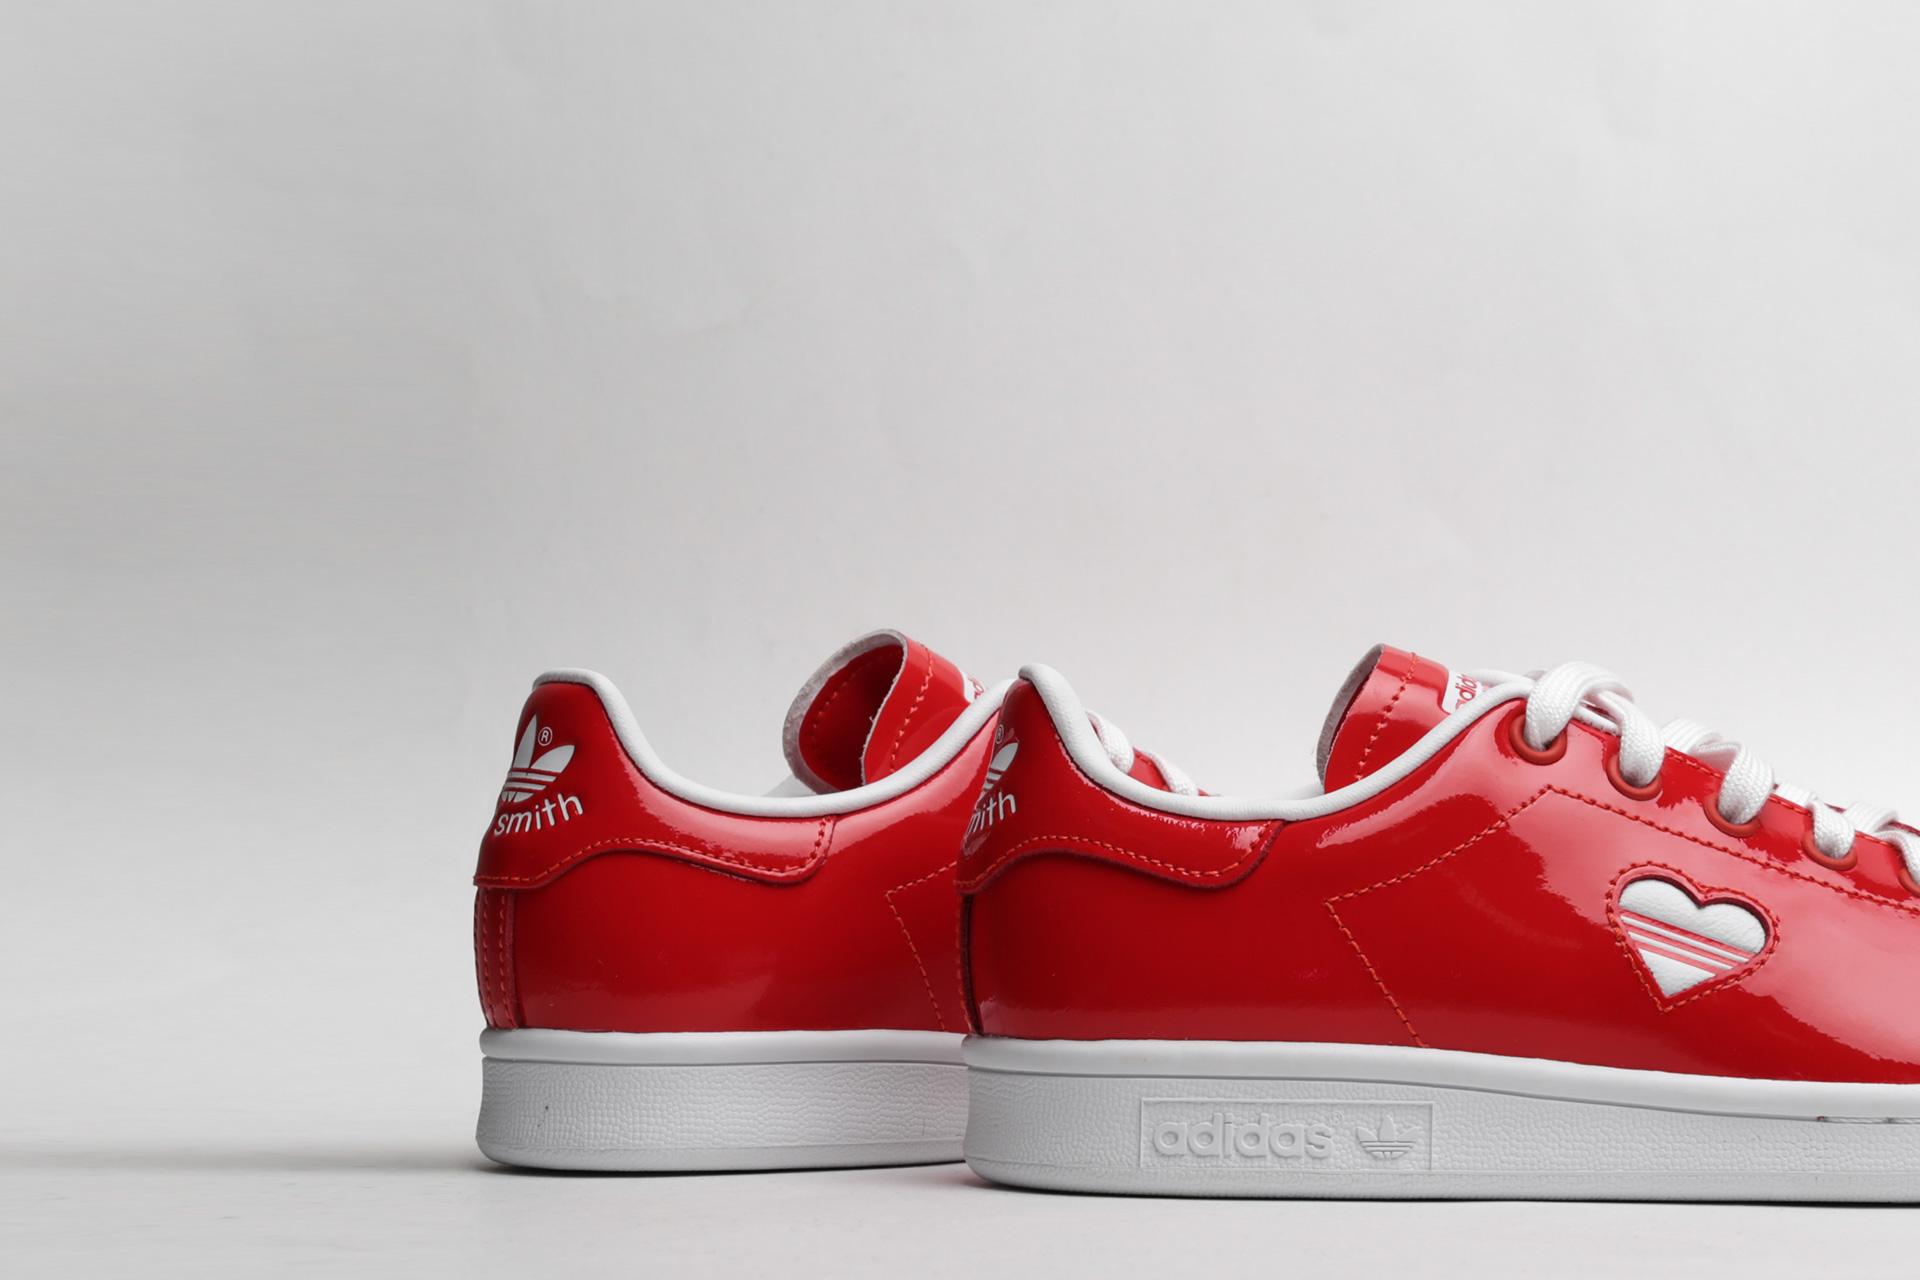 f5922070084a ... Купить женские красные кроссовки adidas Originals Stan Smith W - фото 3  картинки ...